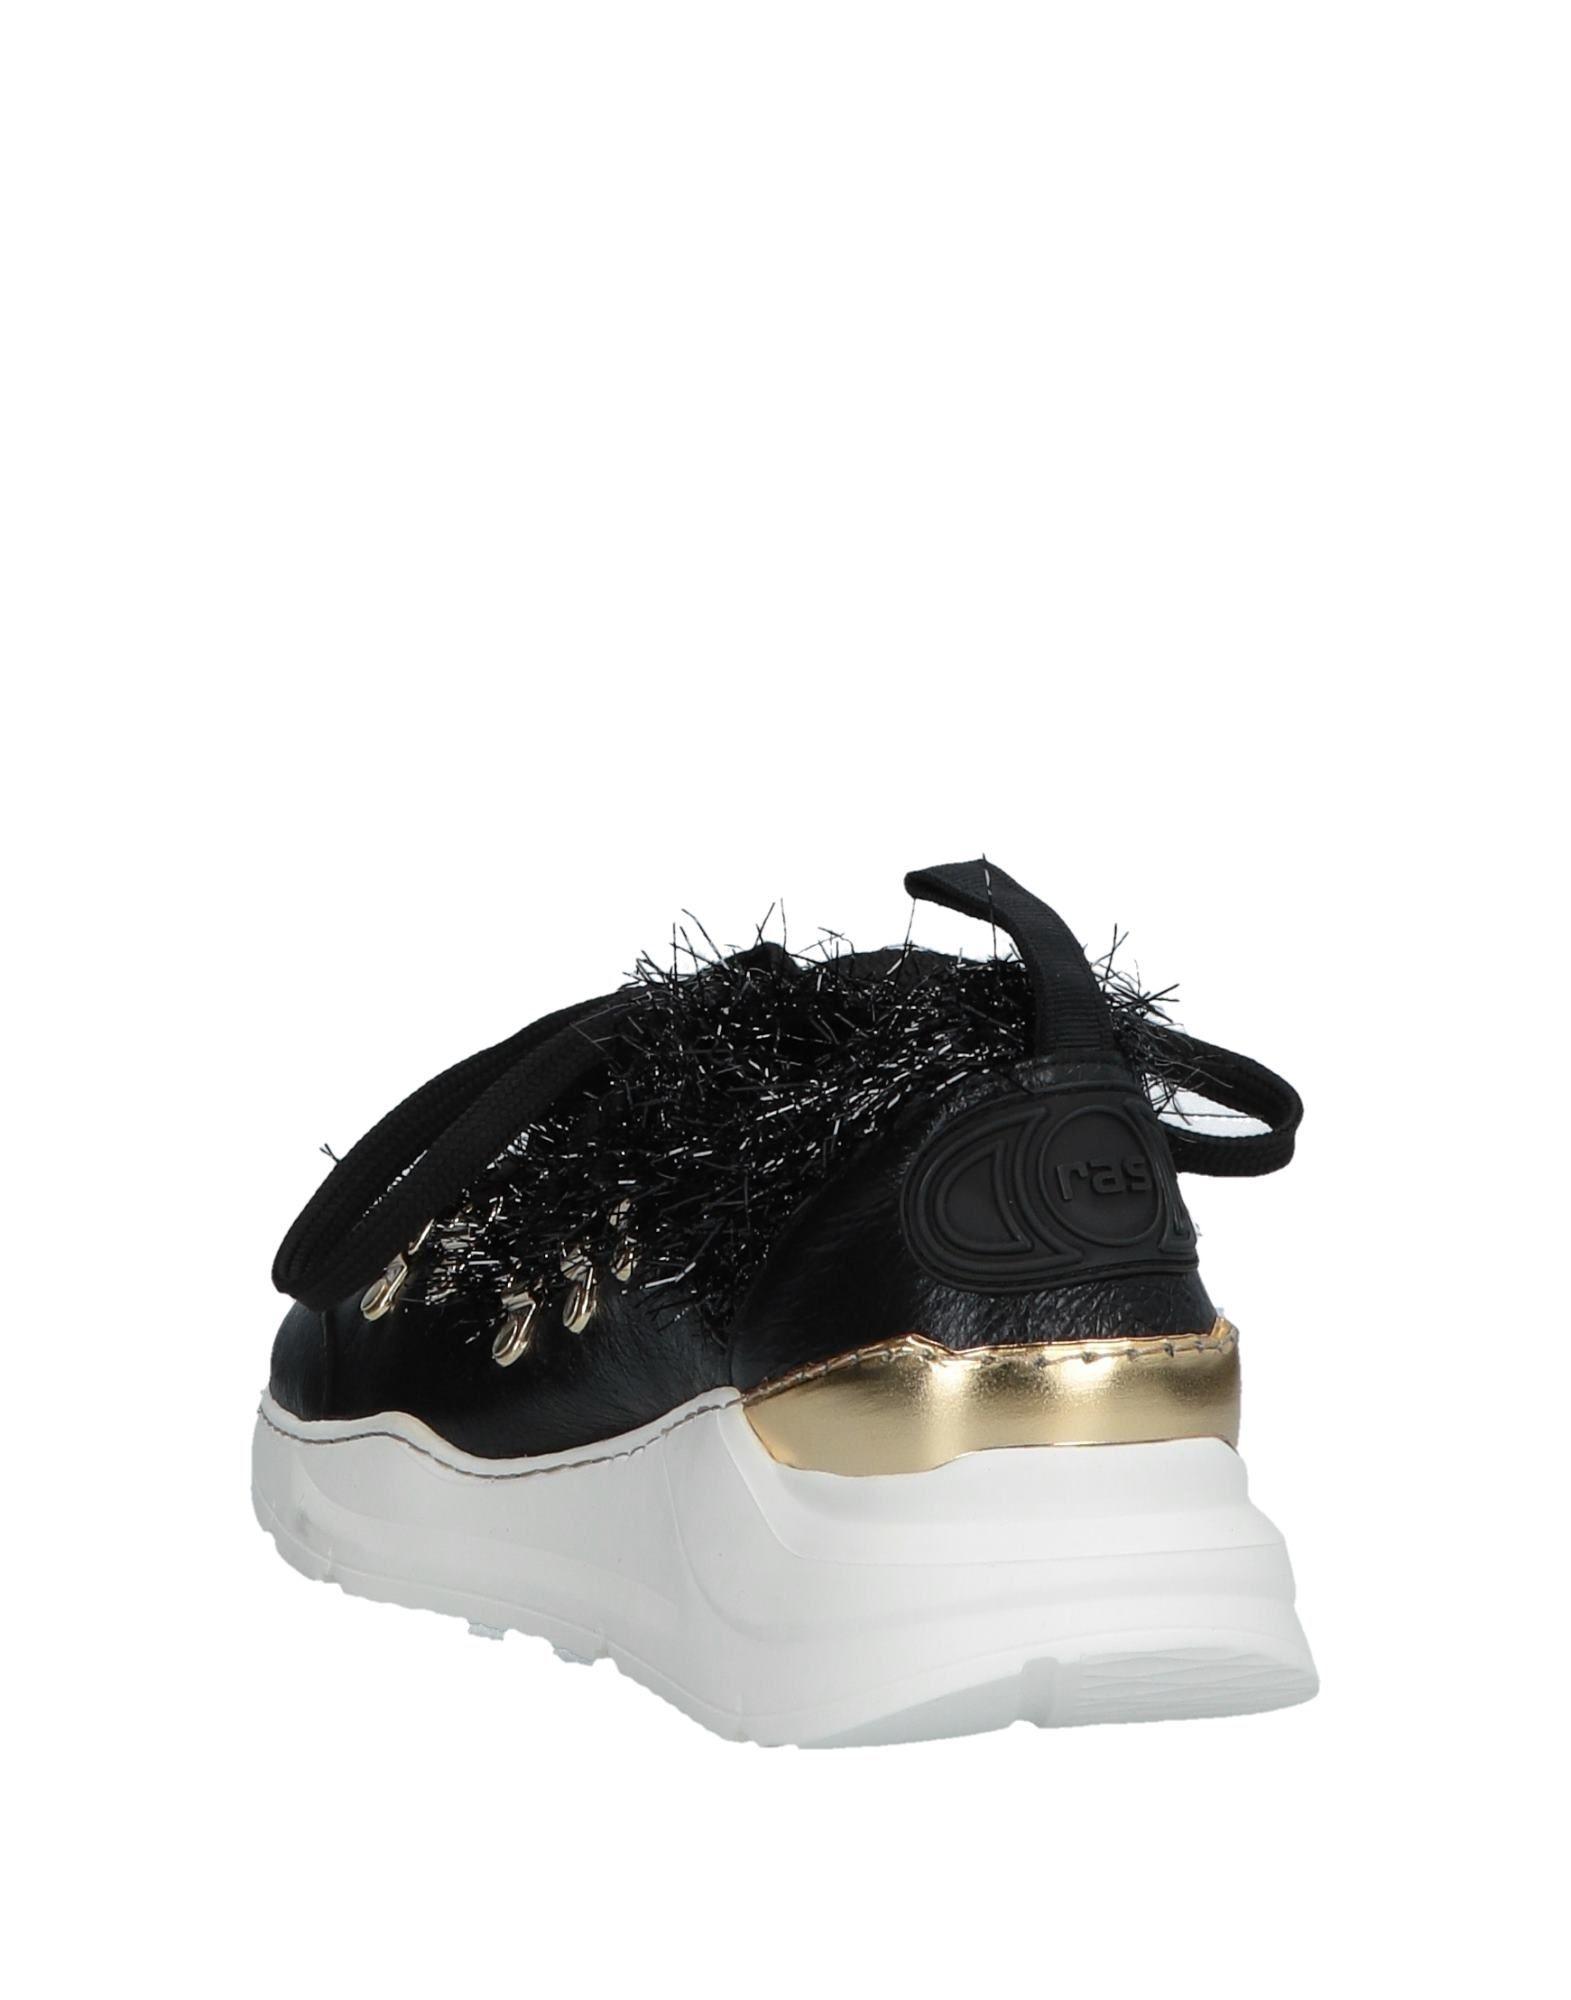 Rabatt Schuhe Ras Damen Sneakers Damen Ras  11572579MI 97e814